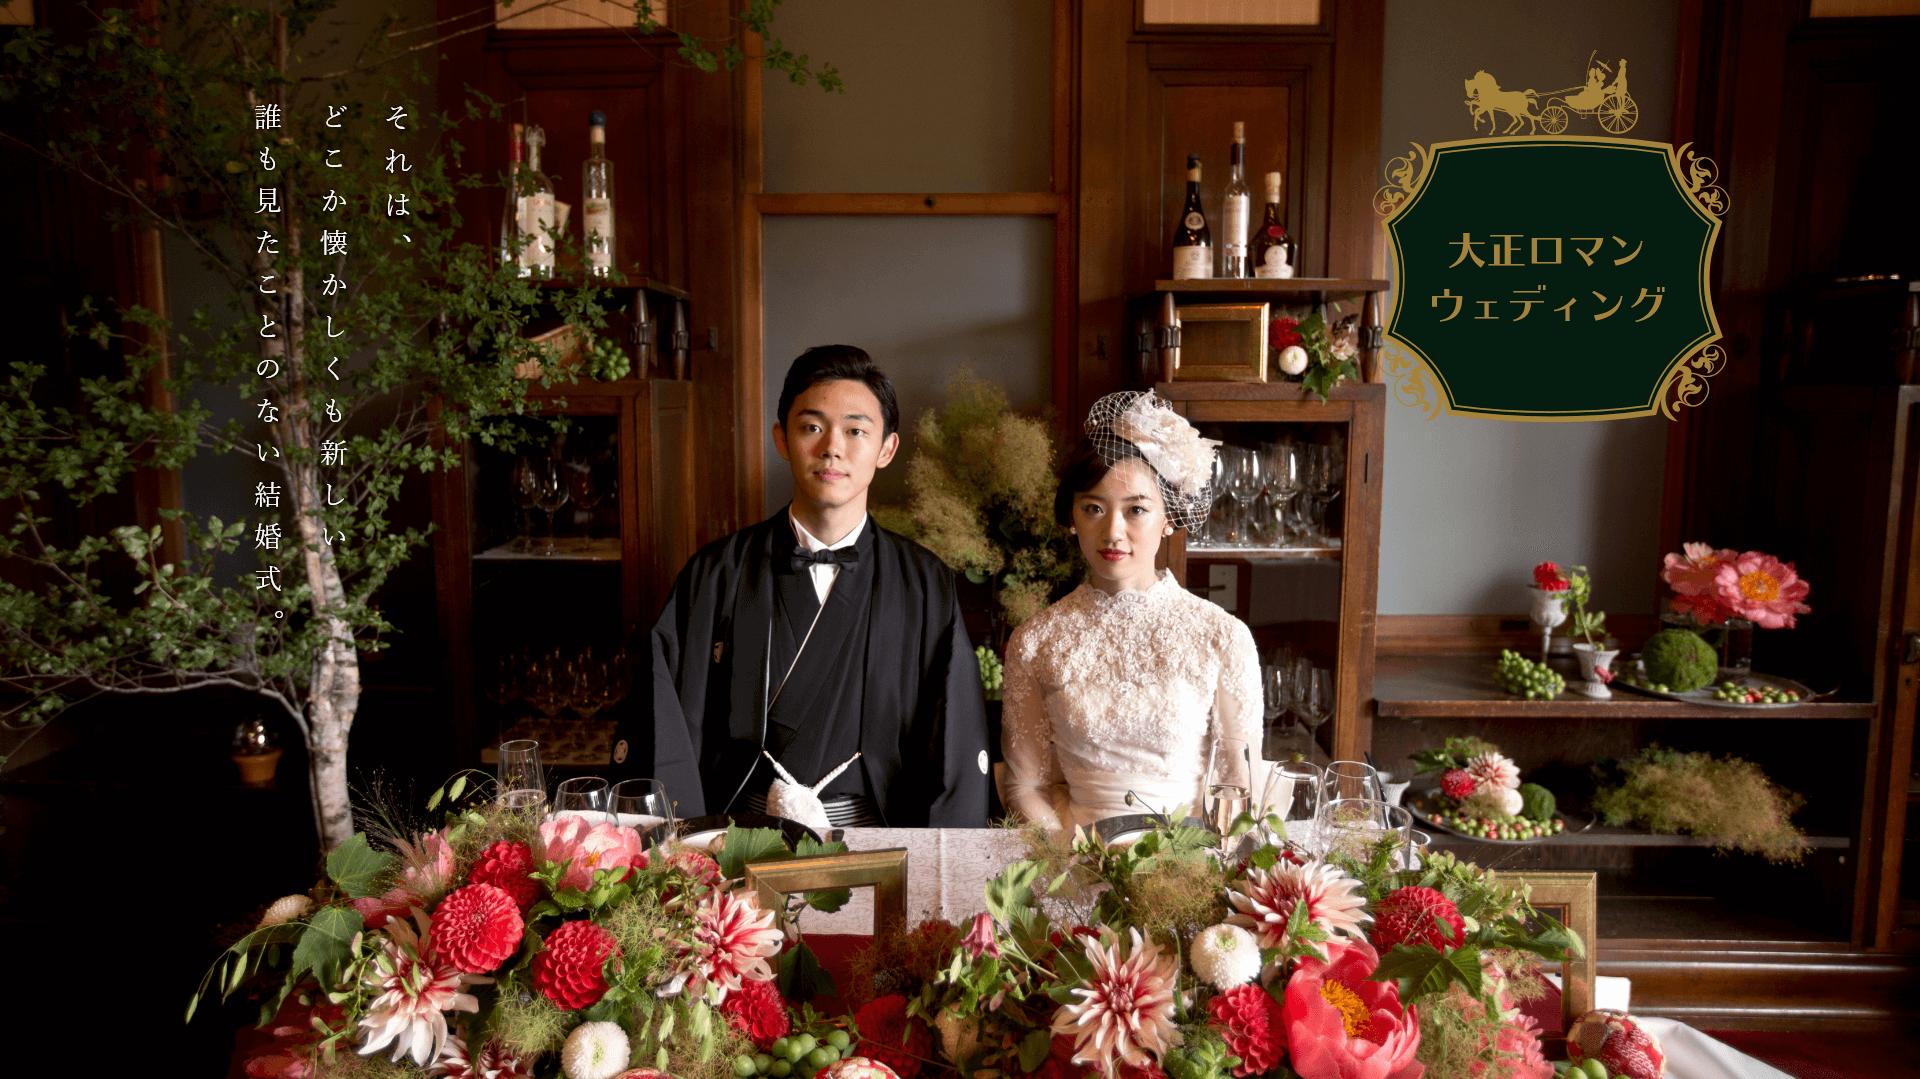 大正ロマンウェディング   それは、どこか懐かしくも新しい 誰も見たことのない結婚式。